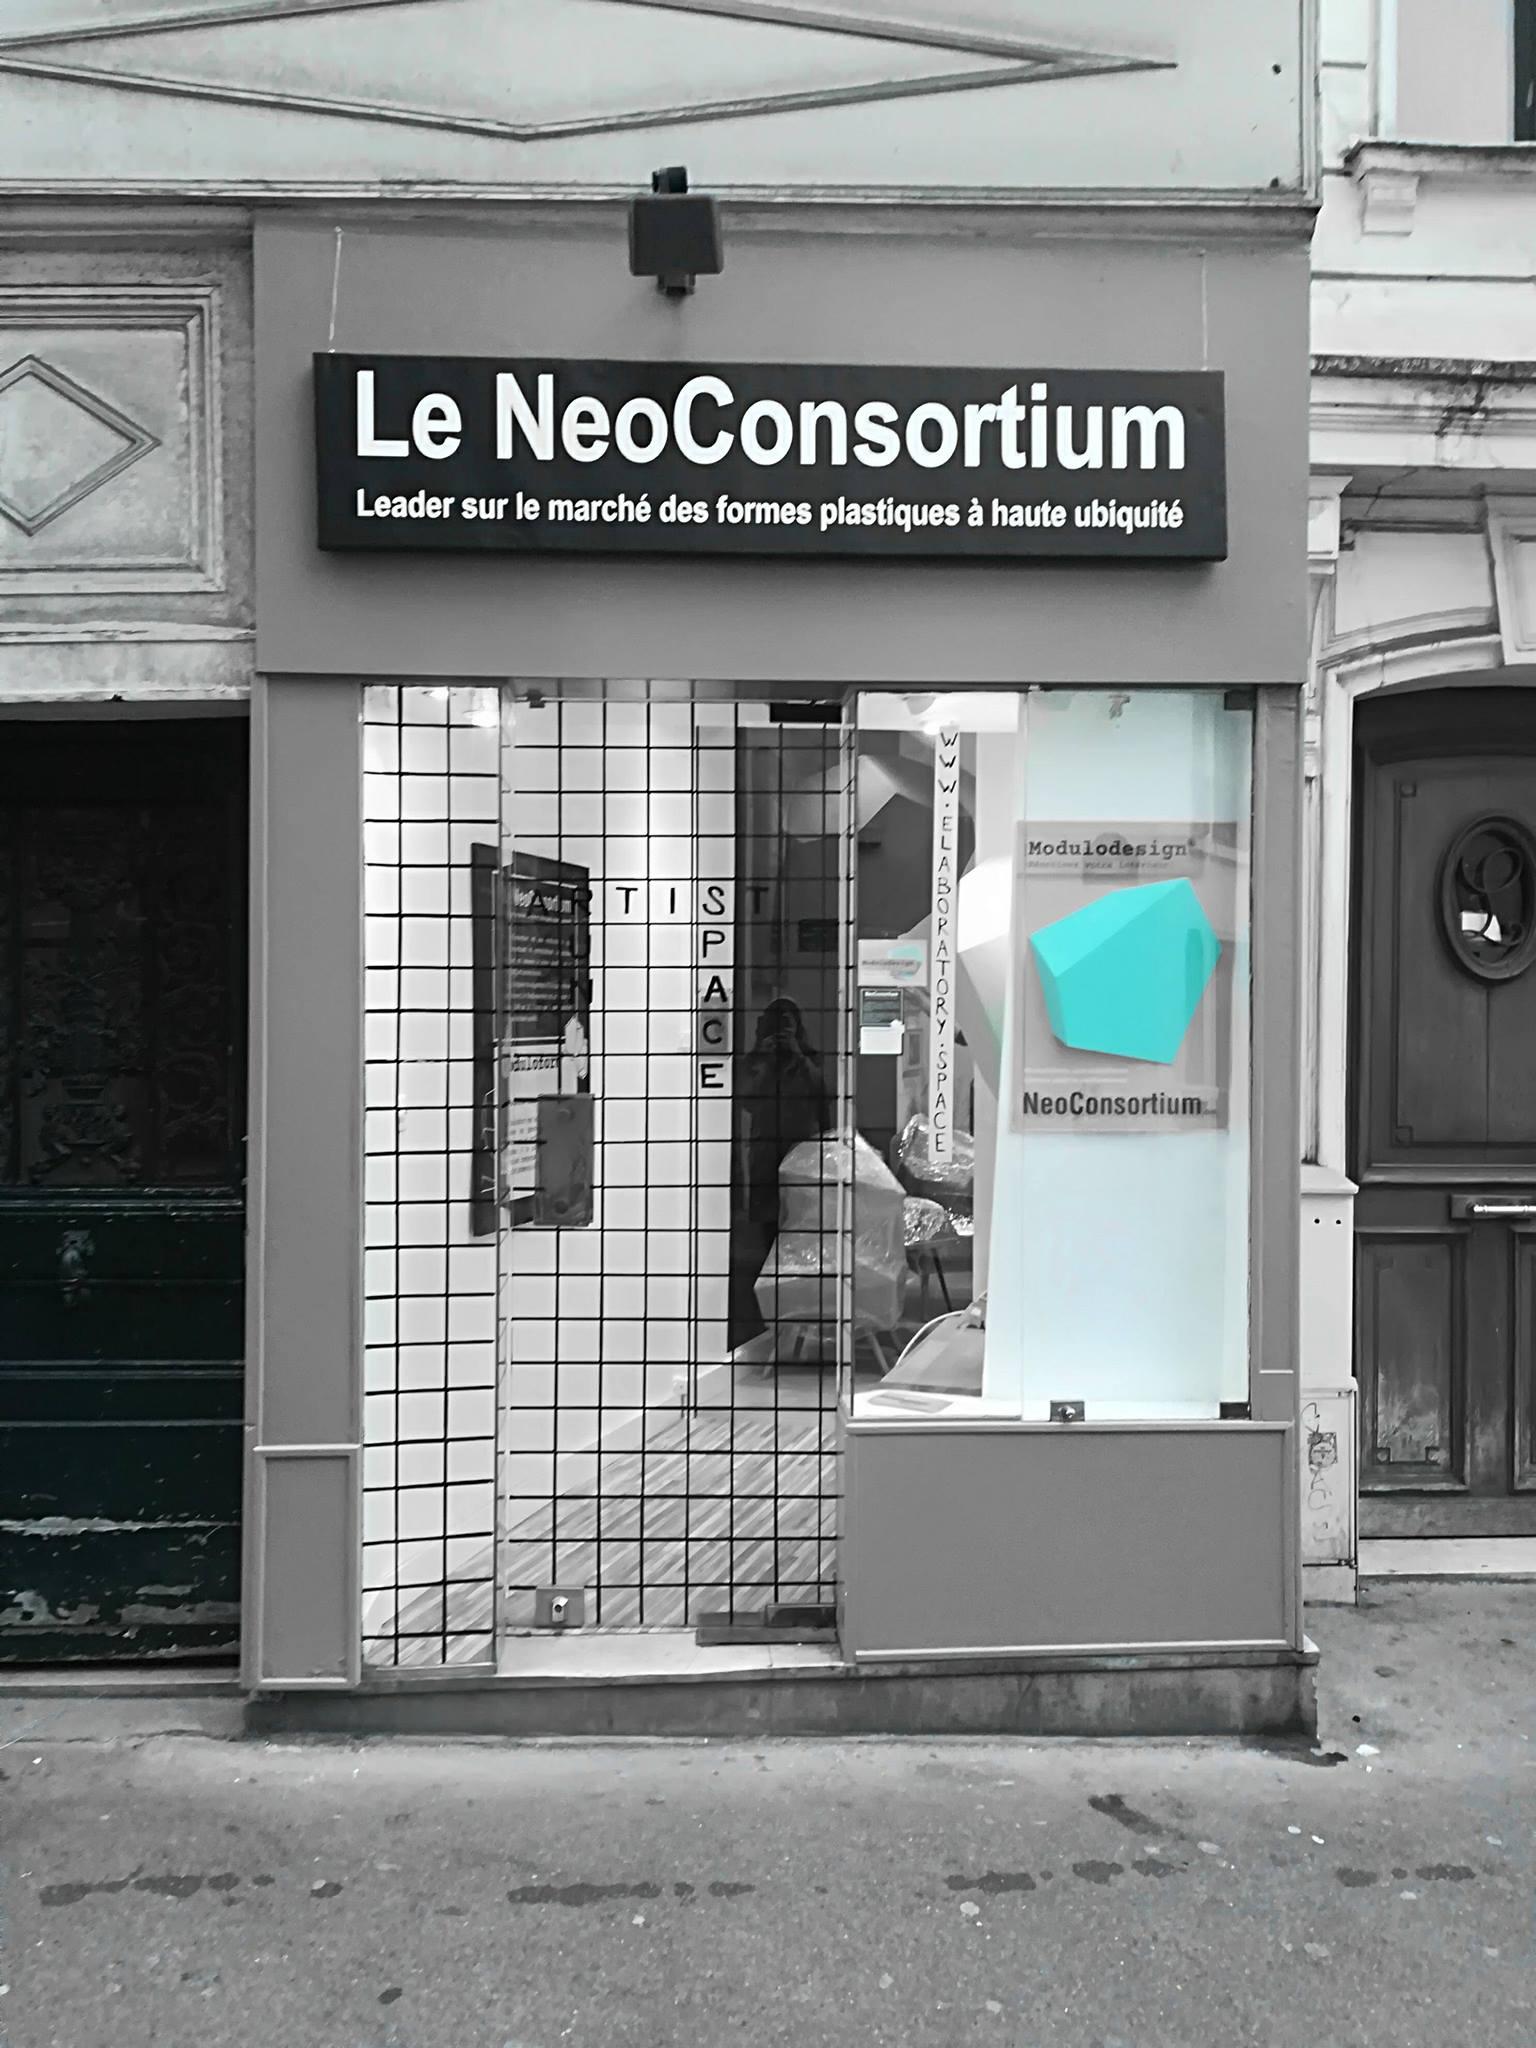 Neo Consortium